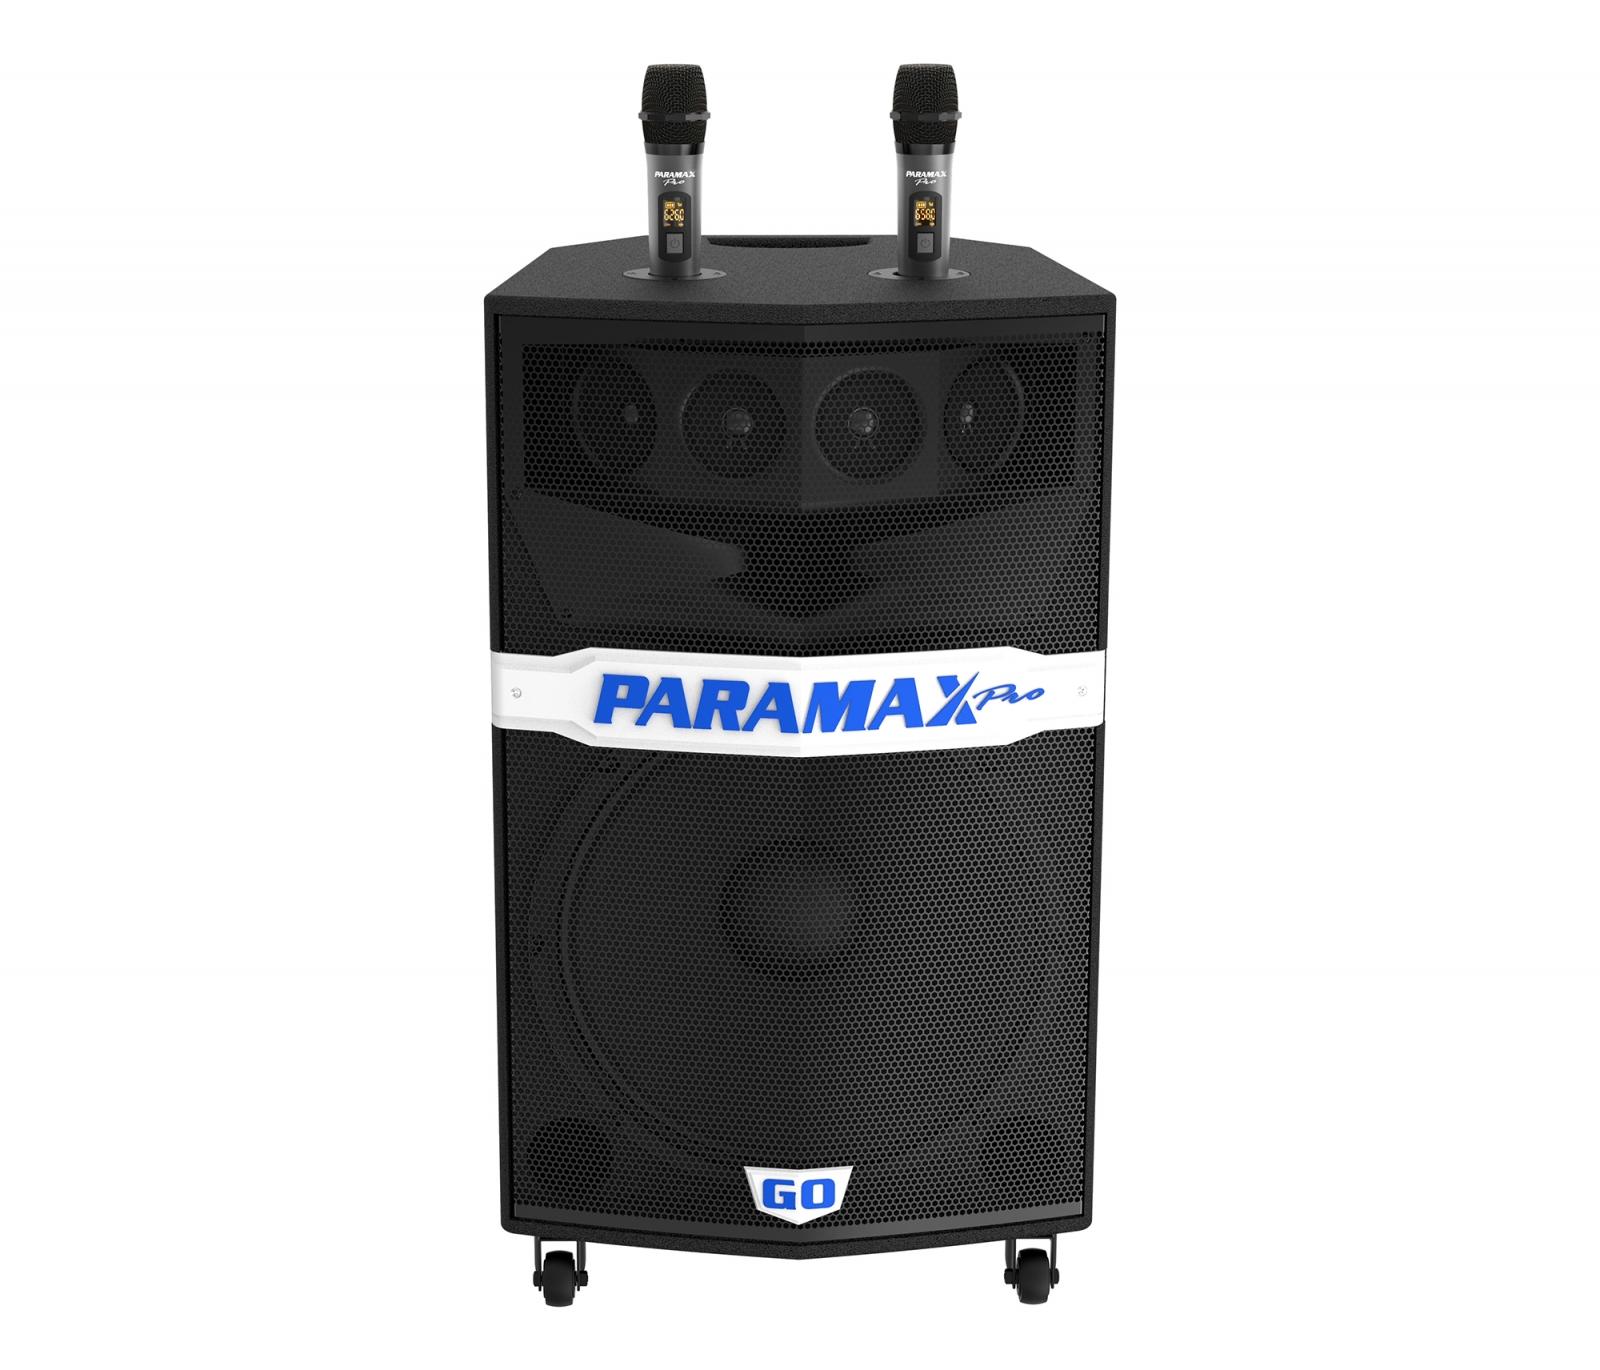 Ra mắt loa di dong PARAMAX GO-300 trên thị trường